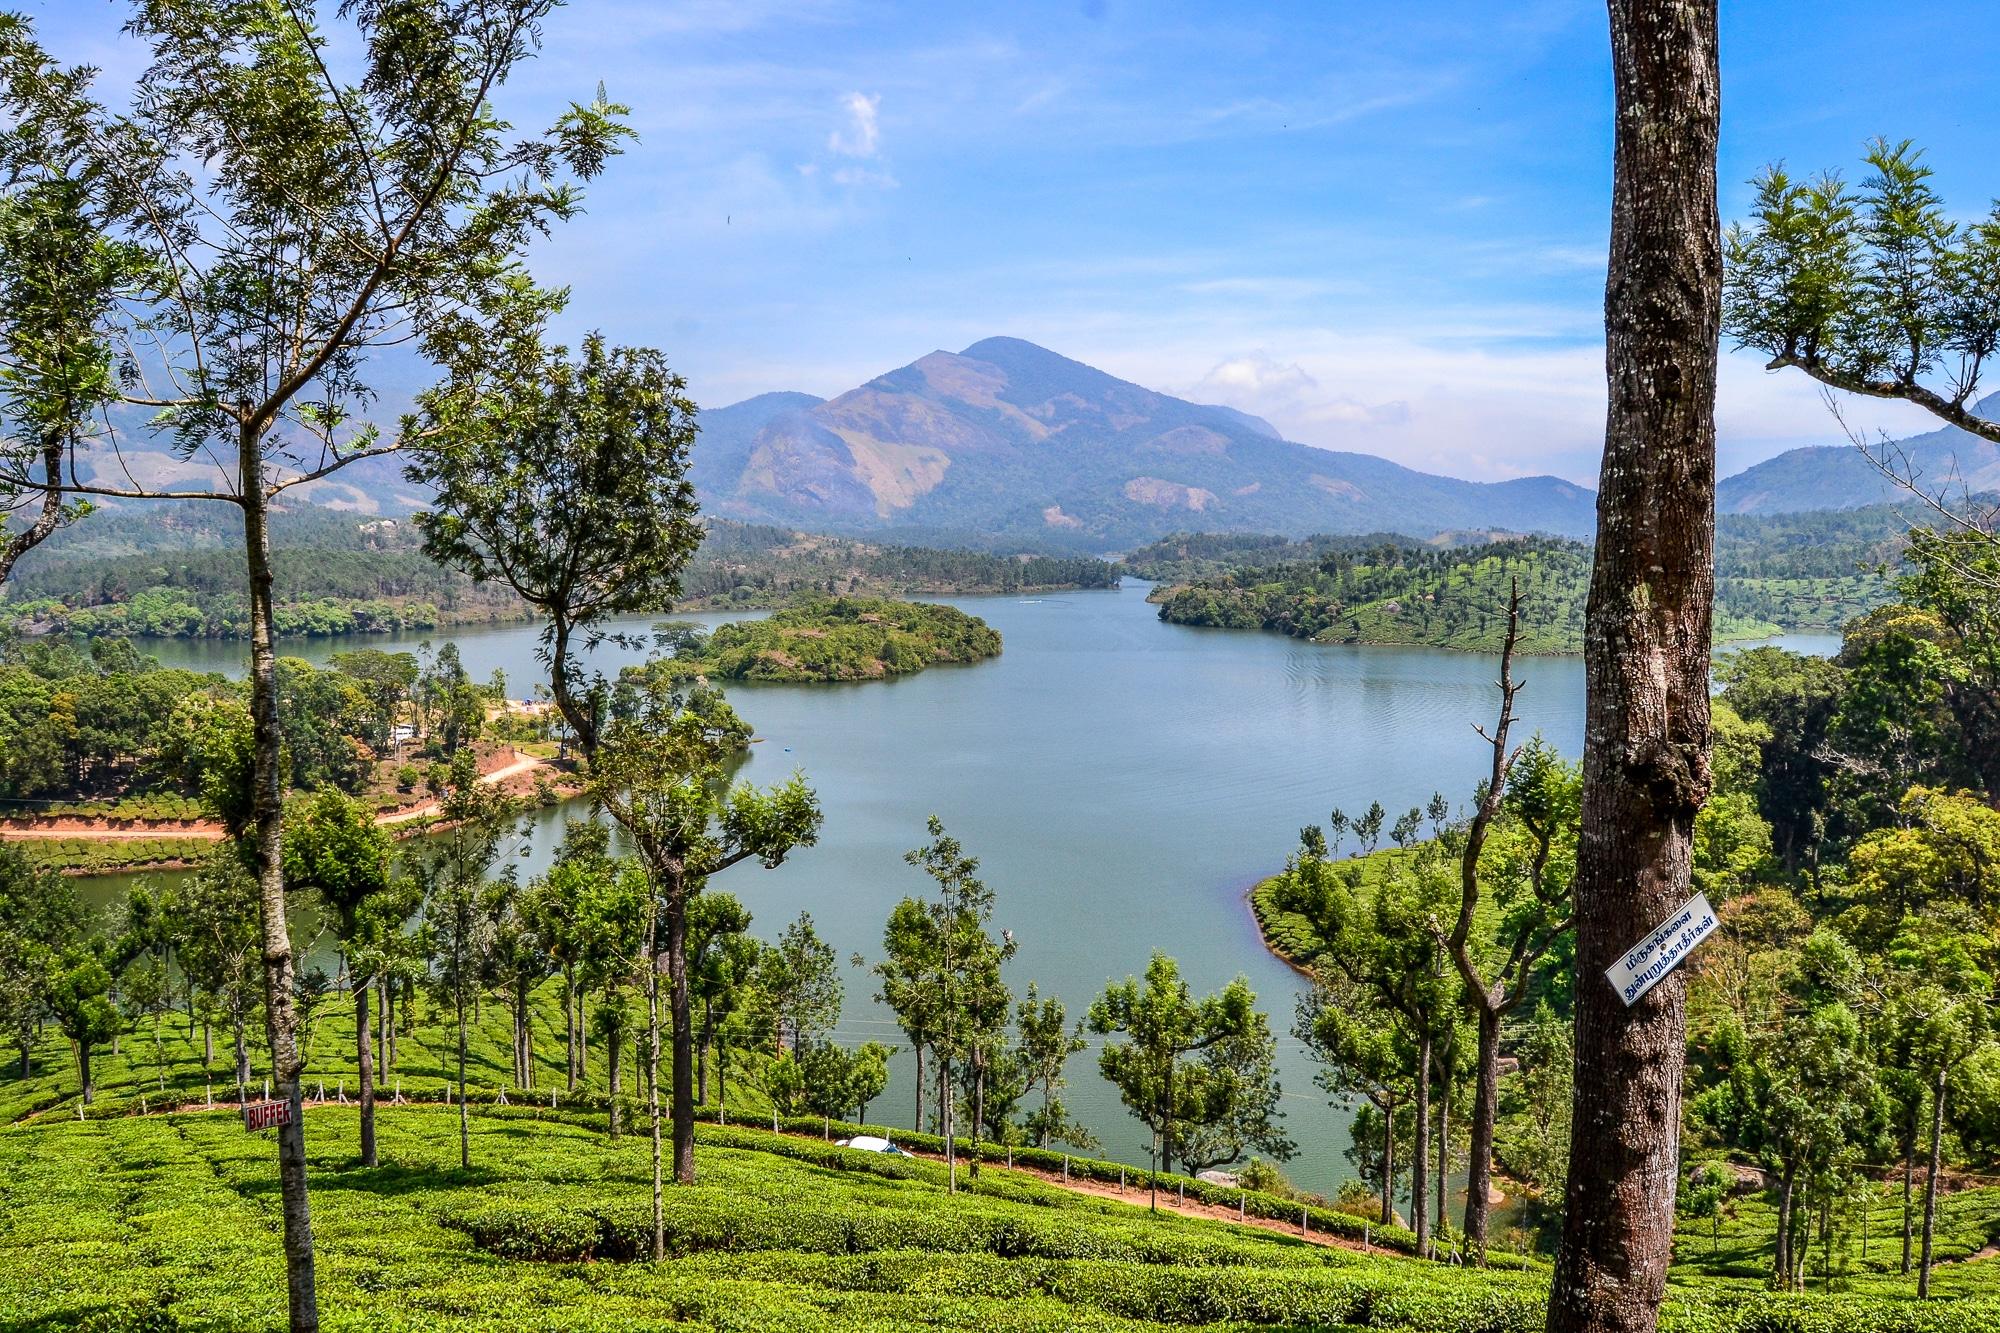 Kerala: Sehenswürdigkeiten, Kultur und Kulinarik im südlichen Indien - Teeplantagen Munnar Hill Station